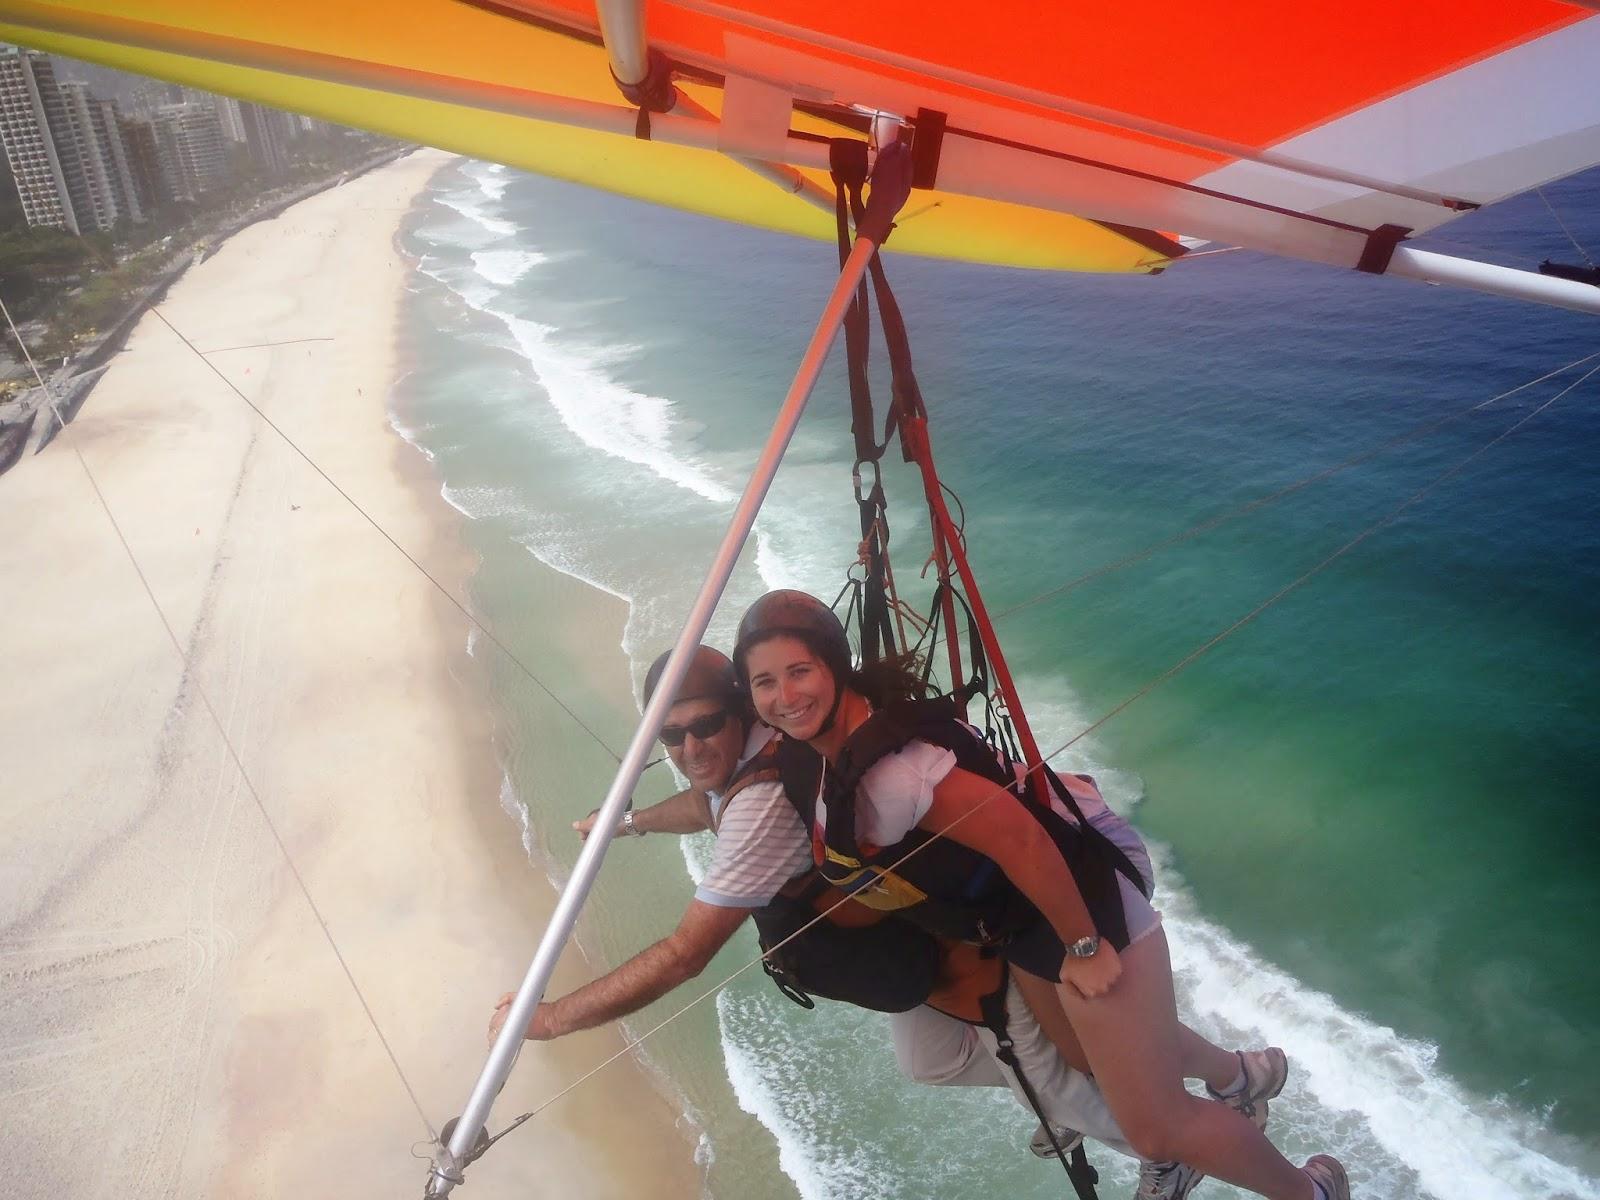 Hang Gliding over beaches in Rio de Janeiro